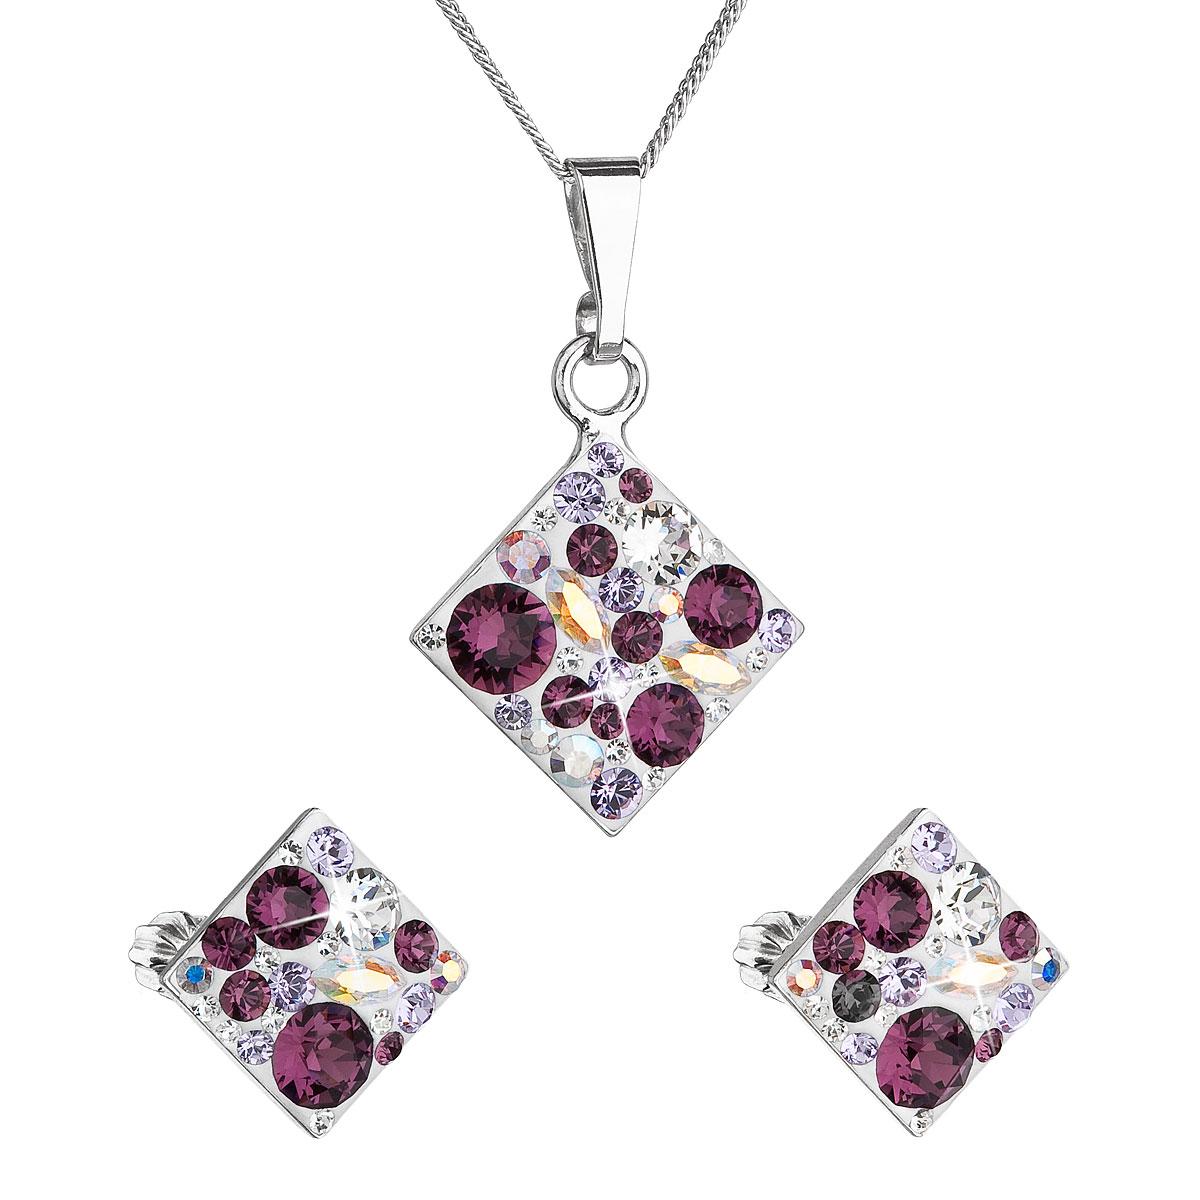 Sada šperků s krystaly Swarovski náušnice, řetízek a přívěsek fialový kosočtverec VP 39126.3 amethyst